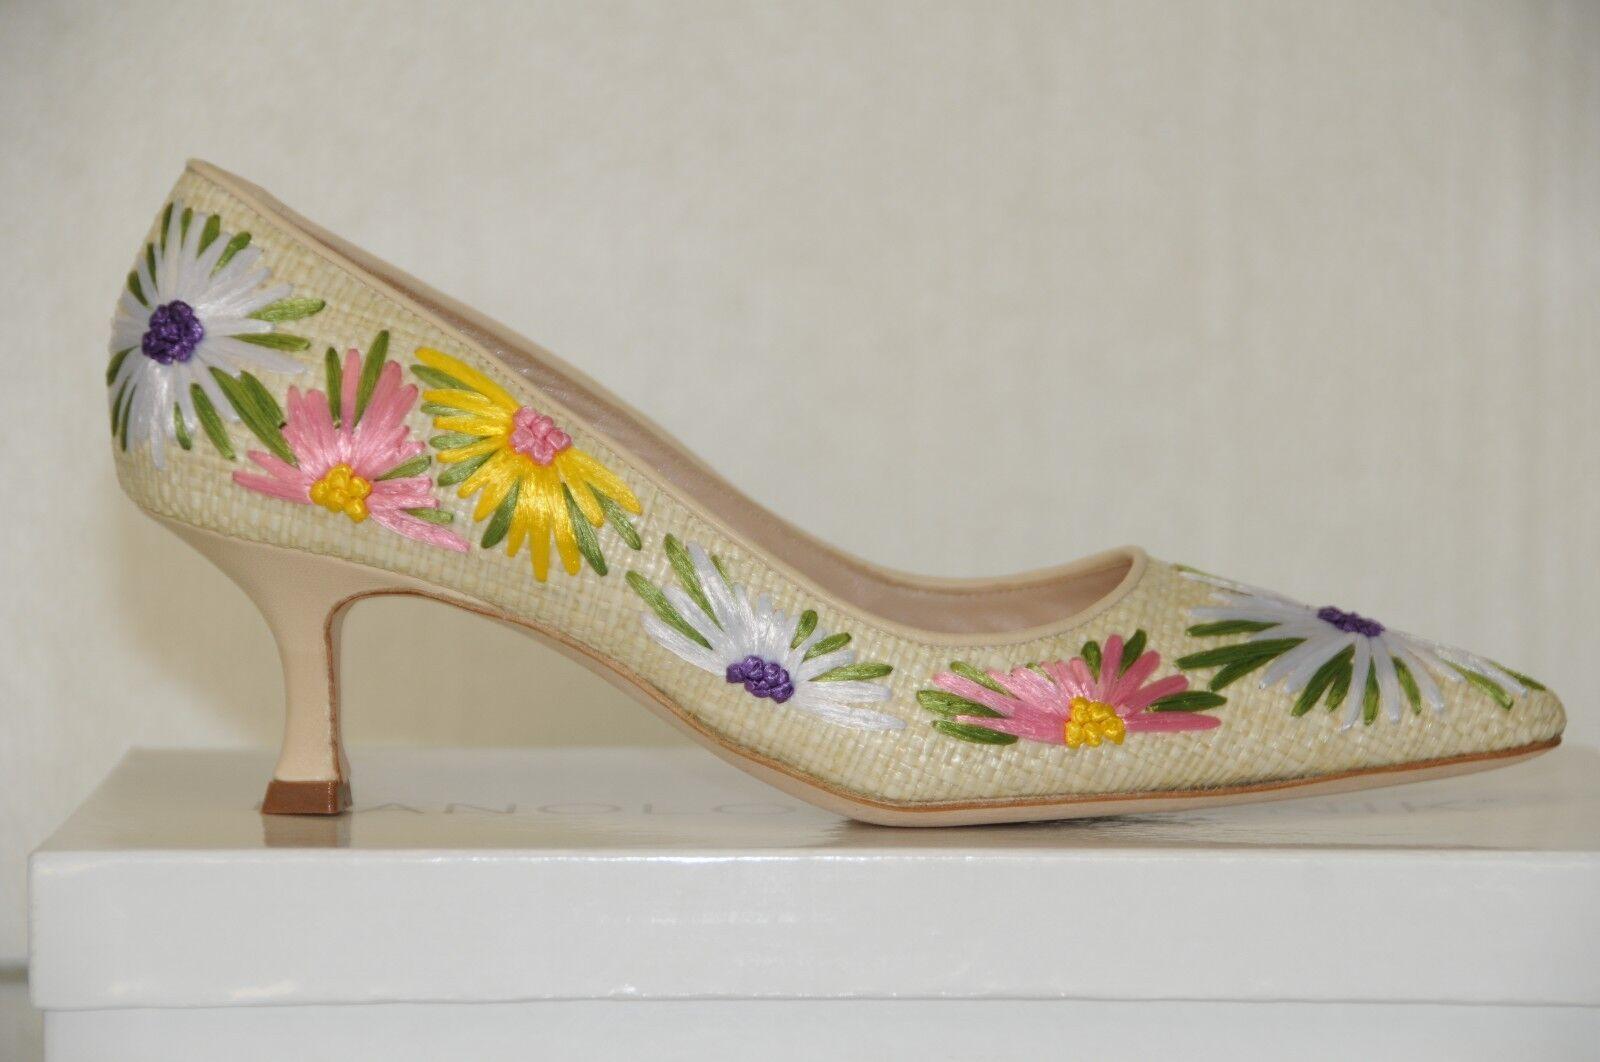 1895 New MANOLO BLAHNIK BB Newciofi Flower Raffia Nude SHOES Kitten 41 41.5